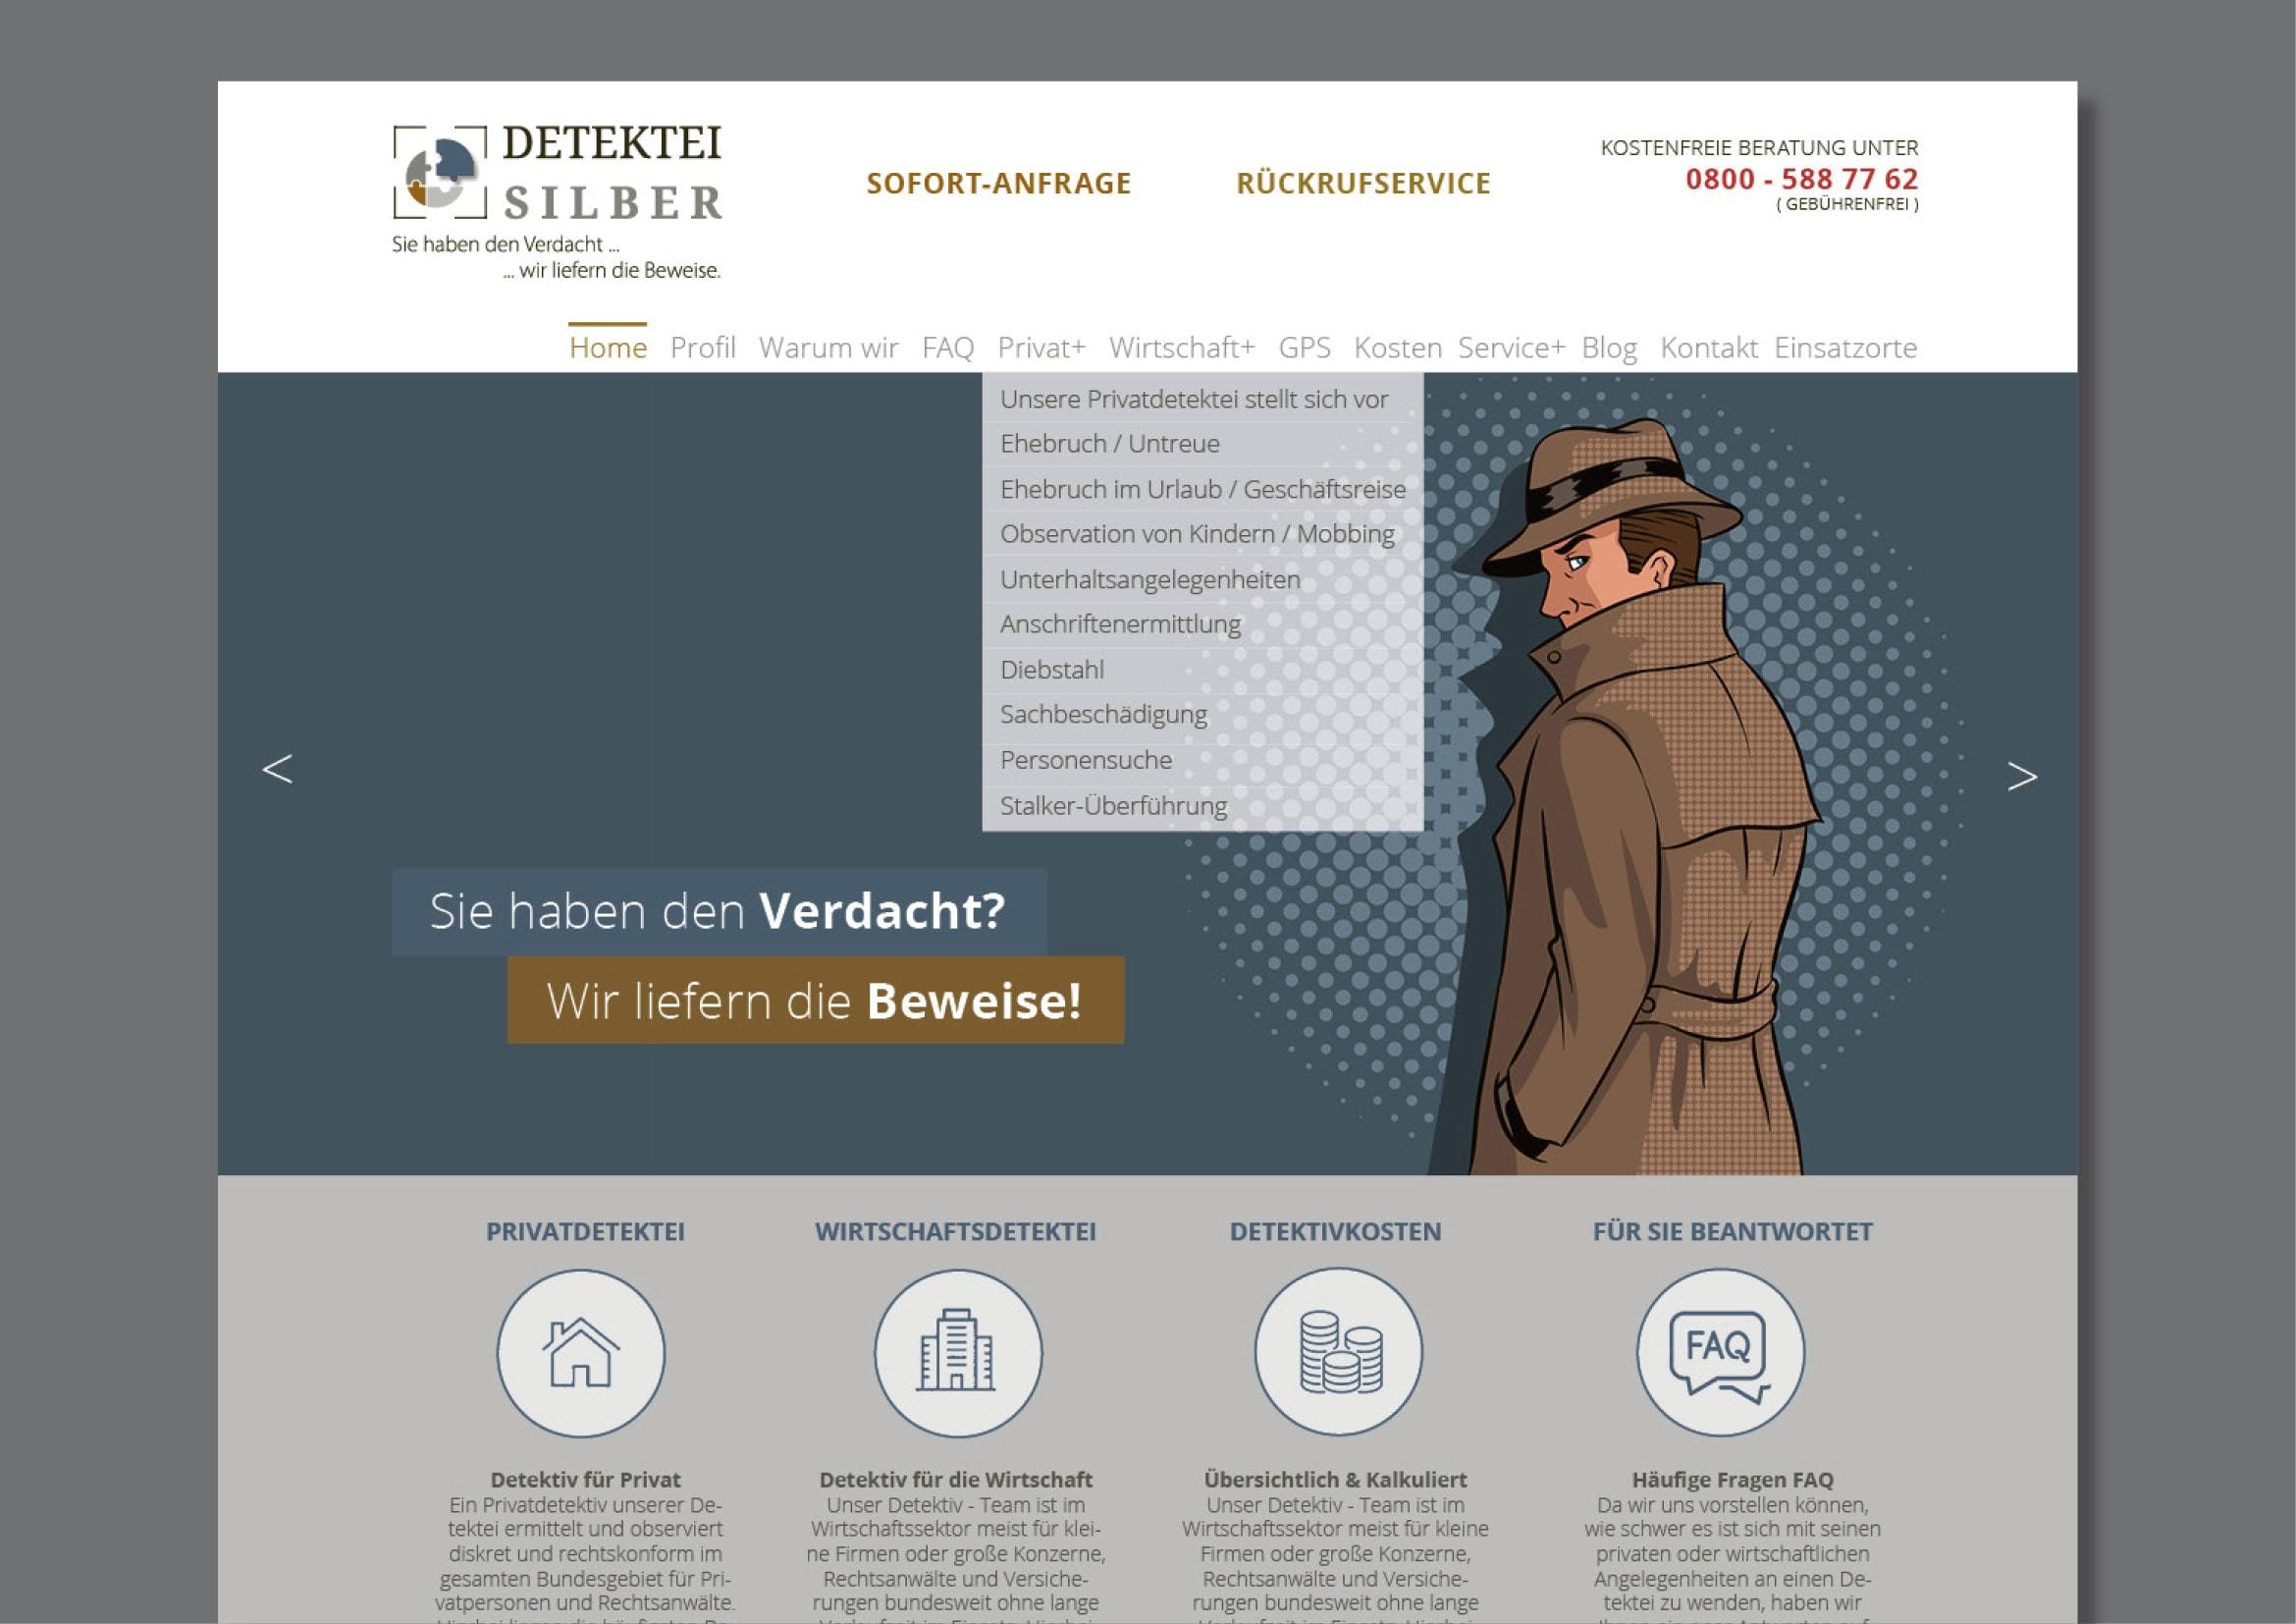 Webdesign und Programmierung einer Homepage für die Wirtschafts- und Privat-Detektei Silber durch Ronald Wissler Visuelle Kommunikation